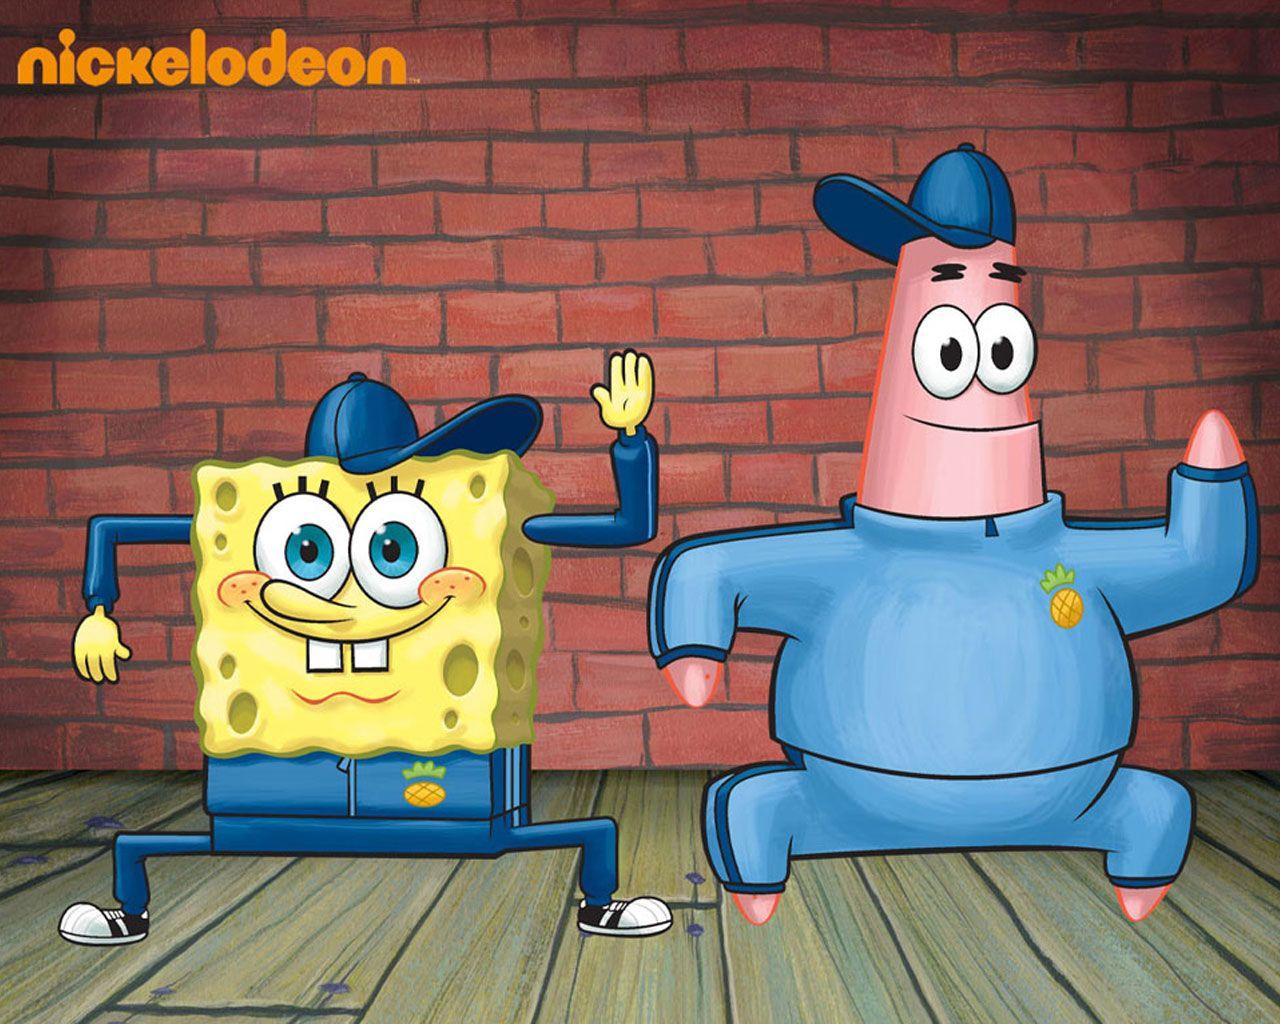 Spongebob & Patrick spongebobsquarepants Wallpaper